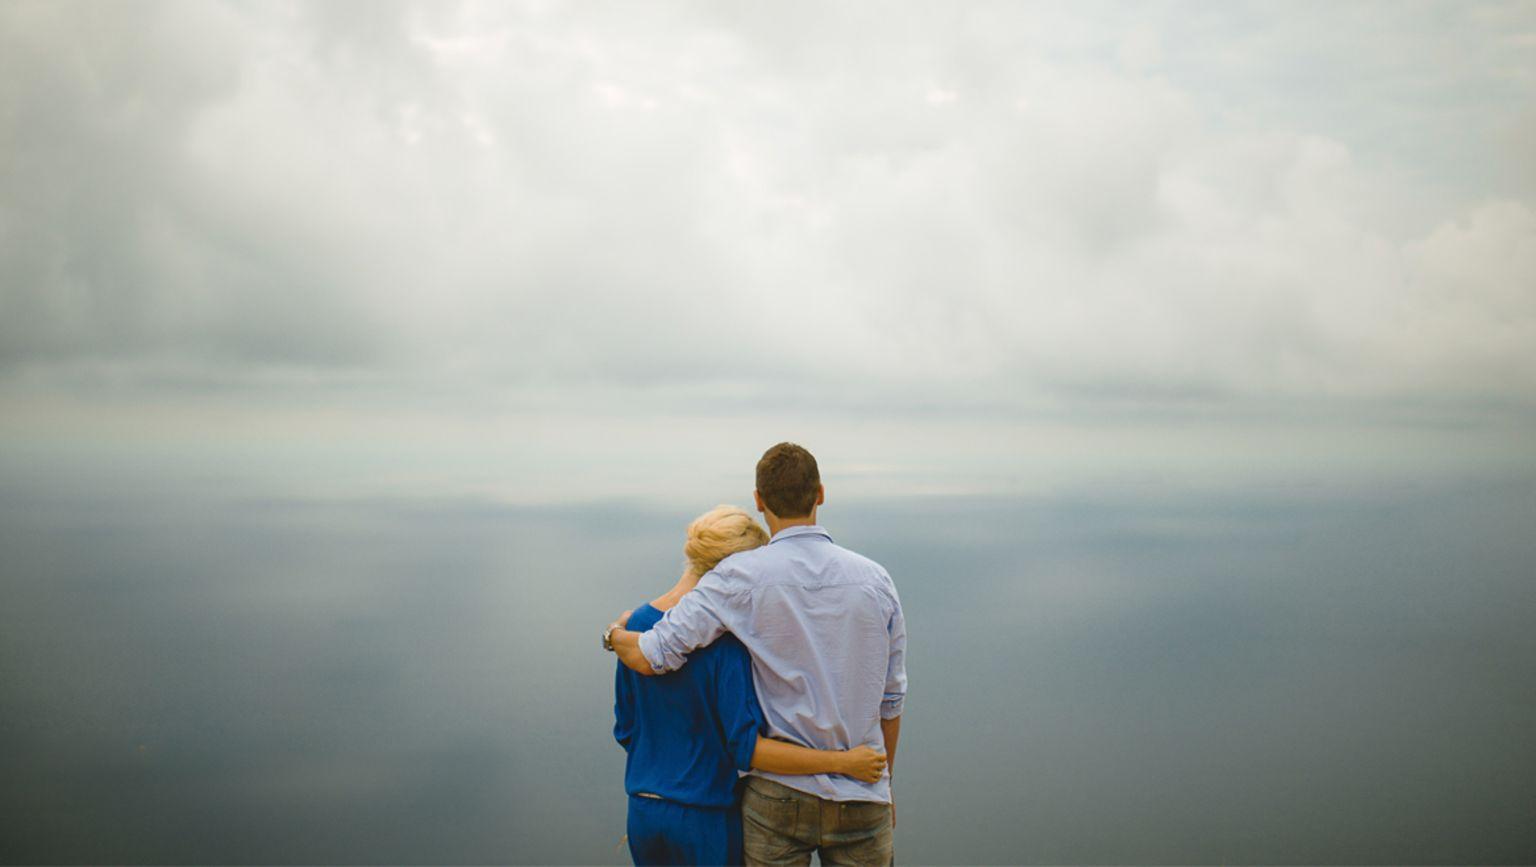 En man och en kvinna håller om varandra och blickar ut över ett dimmigt landskap.